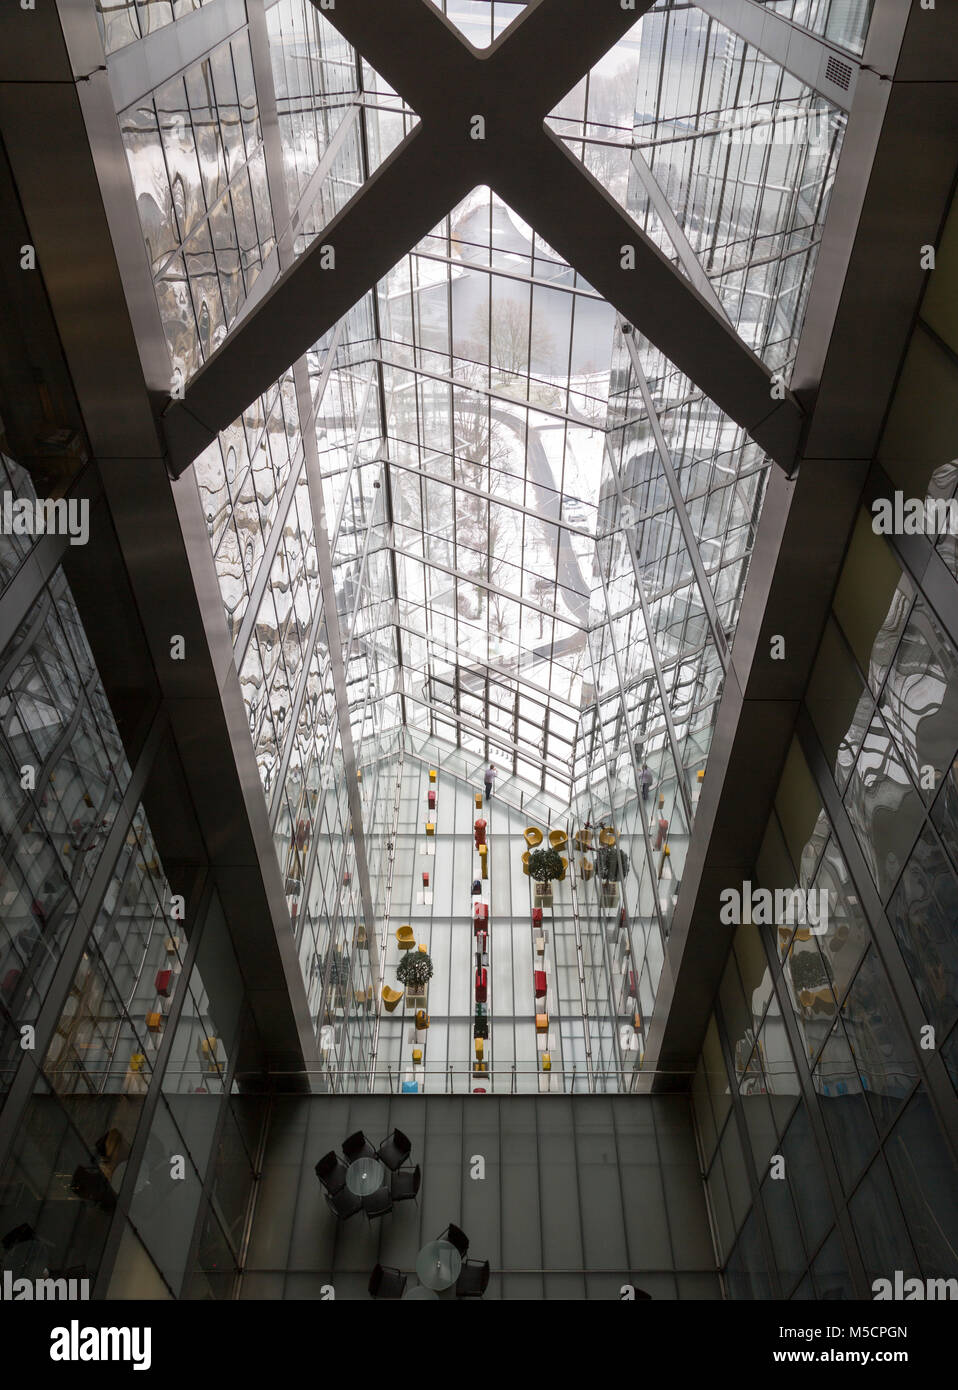 Bonn, Posttower, 2000-2002 von Murphy/Jahn erbaut, Innenansicht mit sog. 'Skygärten' - Stock Image